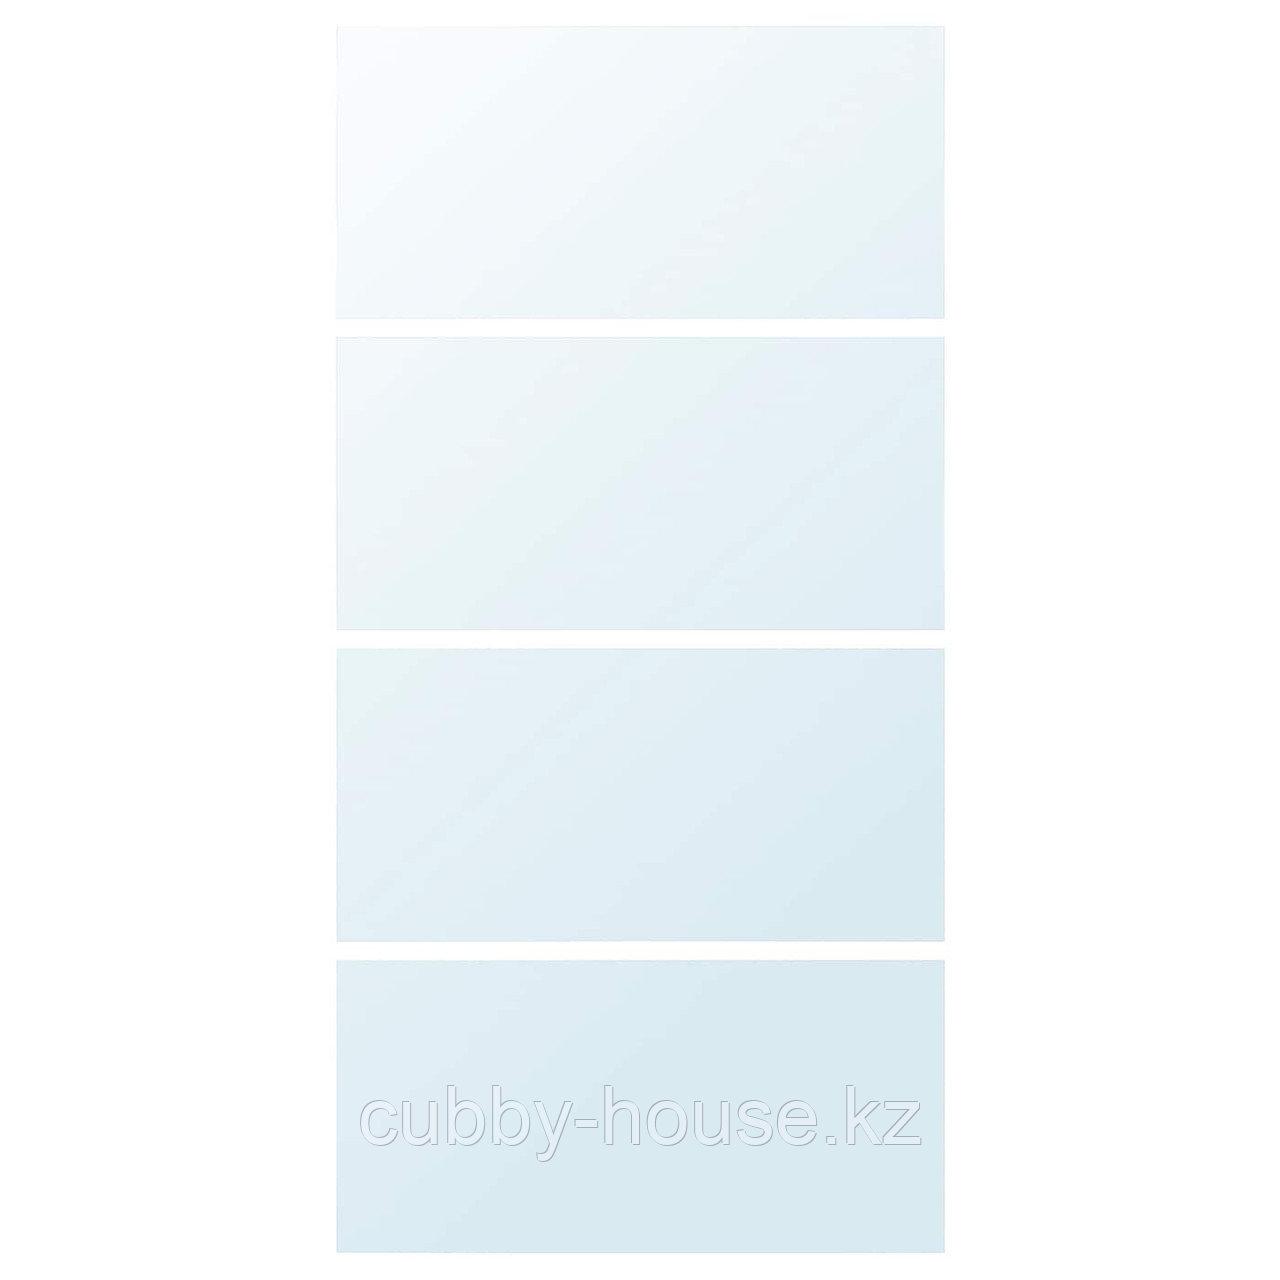 АУЛИ 4 панели д/рамы раздвижной дверцы, зеркальное стекло, 75x201 см